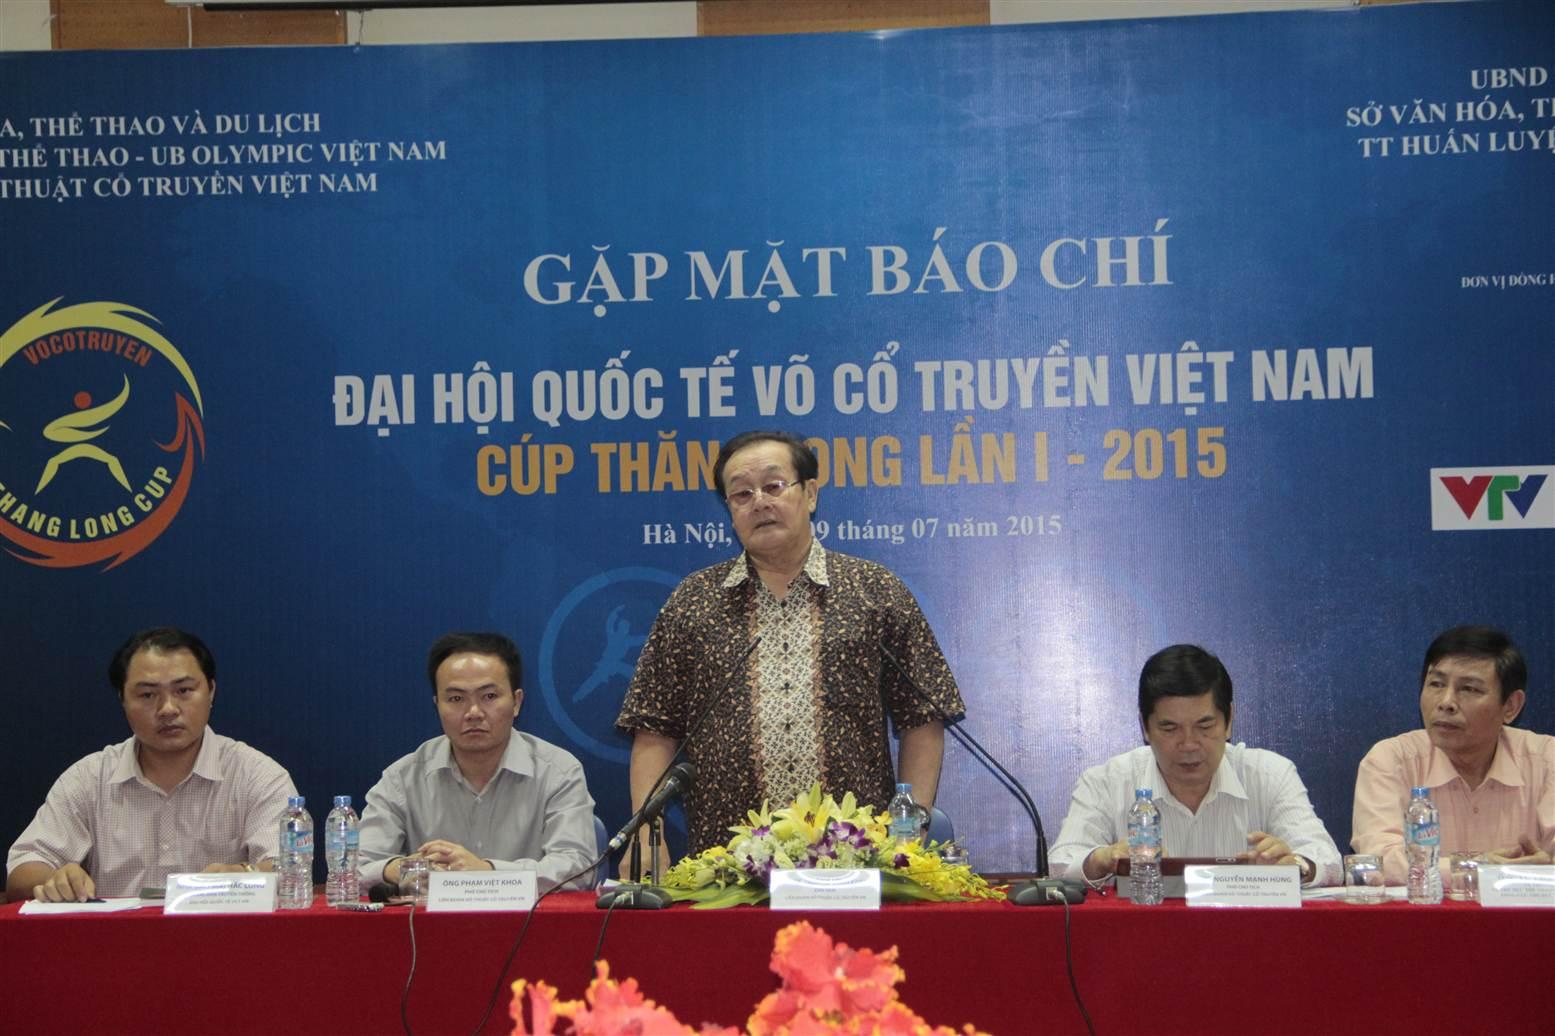 Đại hội quốc tế võ cổ truyền Việt Nam lần 1 sẽ có 35 nước tham dự 1